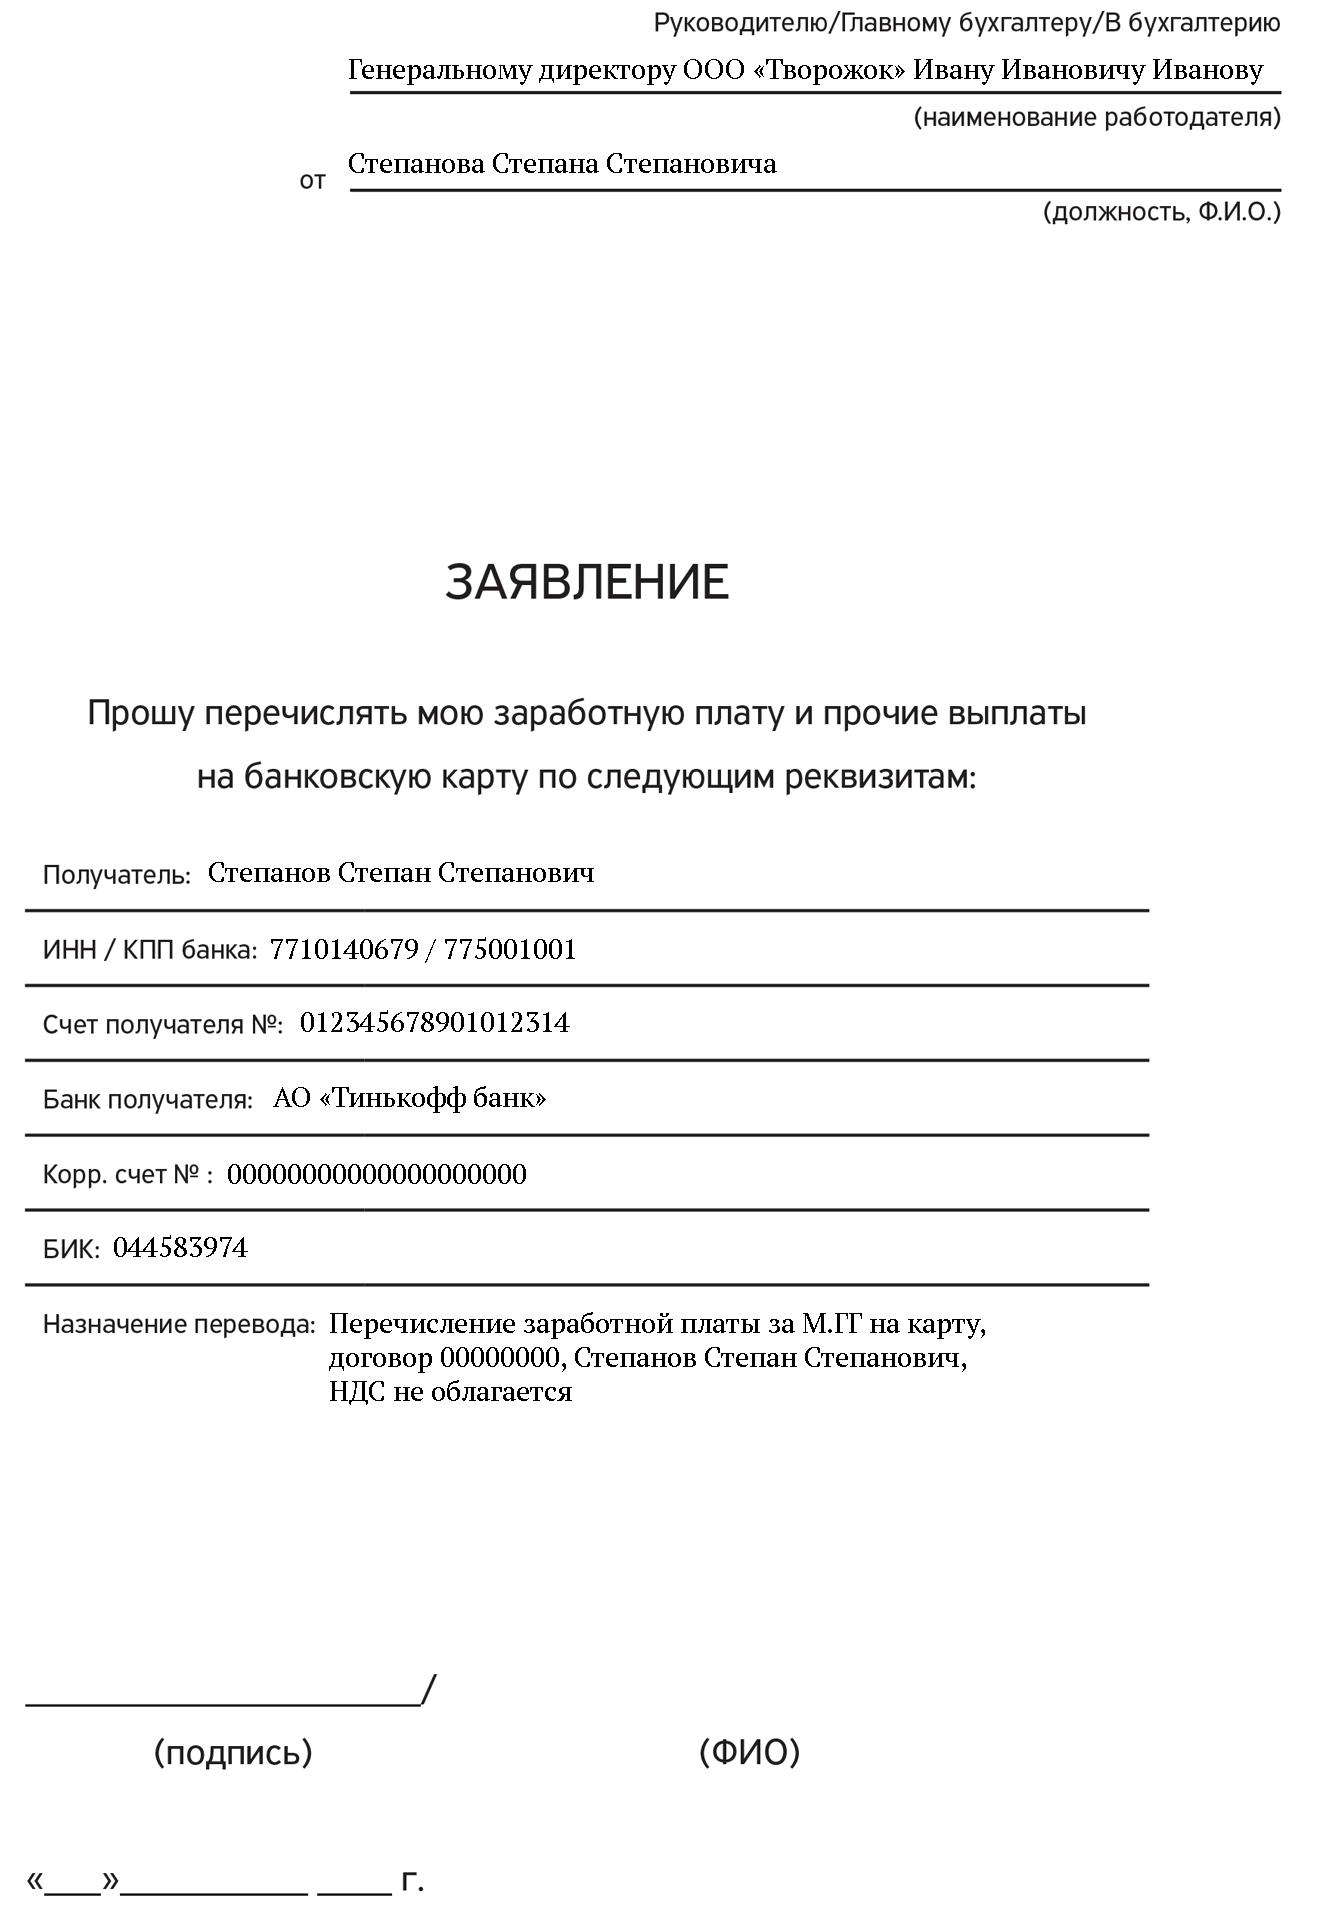 Шаблон заявления для бухгалтерии